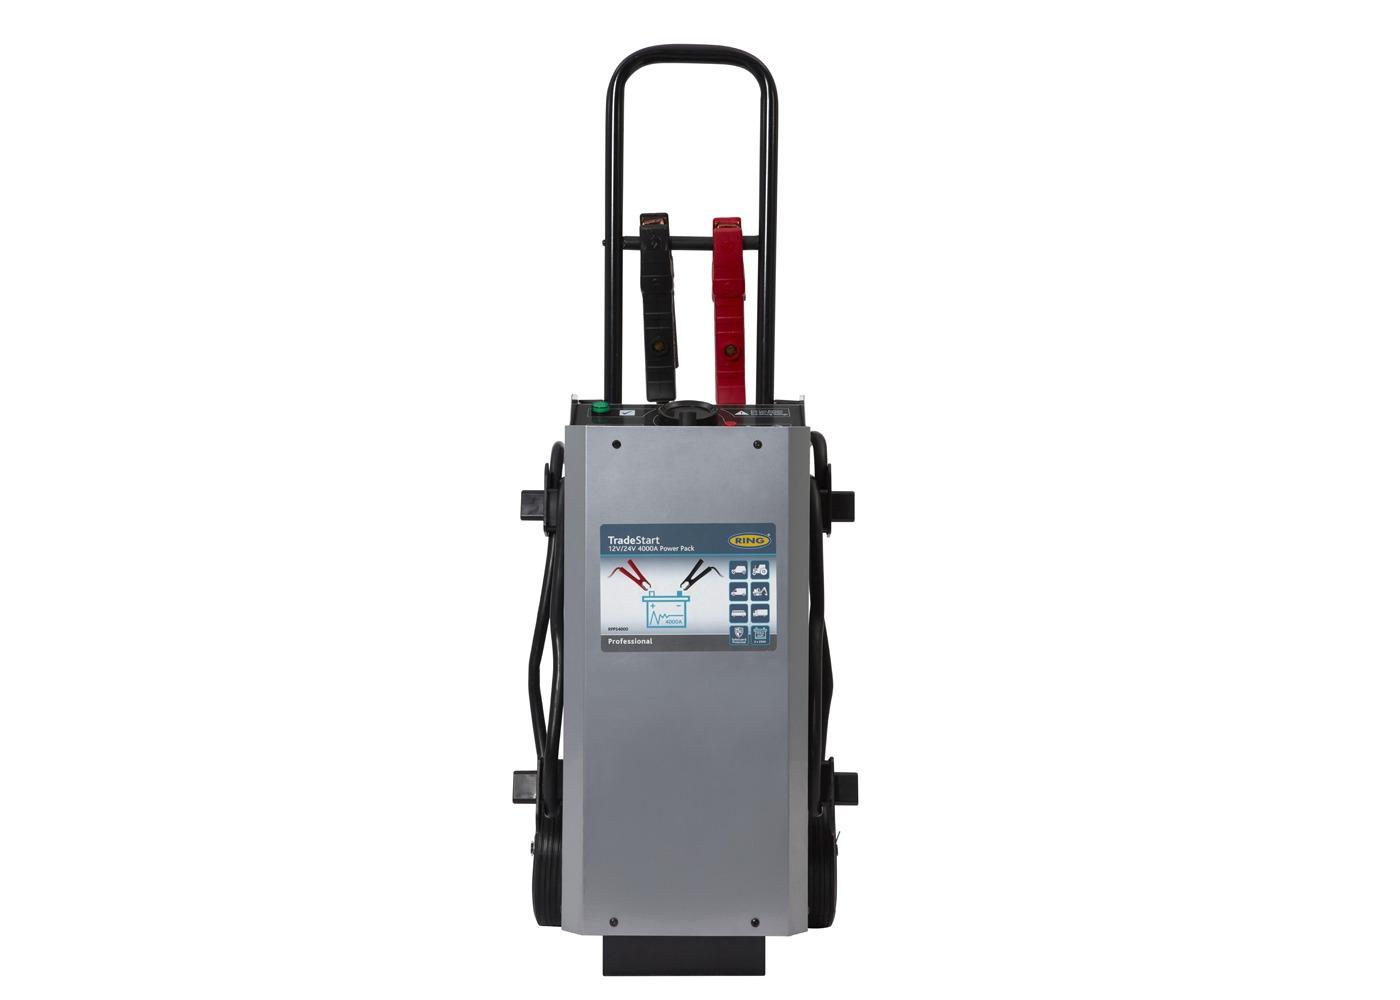 12V/24V Power Pack - TradeStart S4000   RPPS4000   Ring